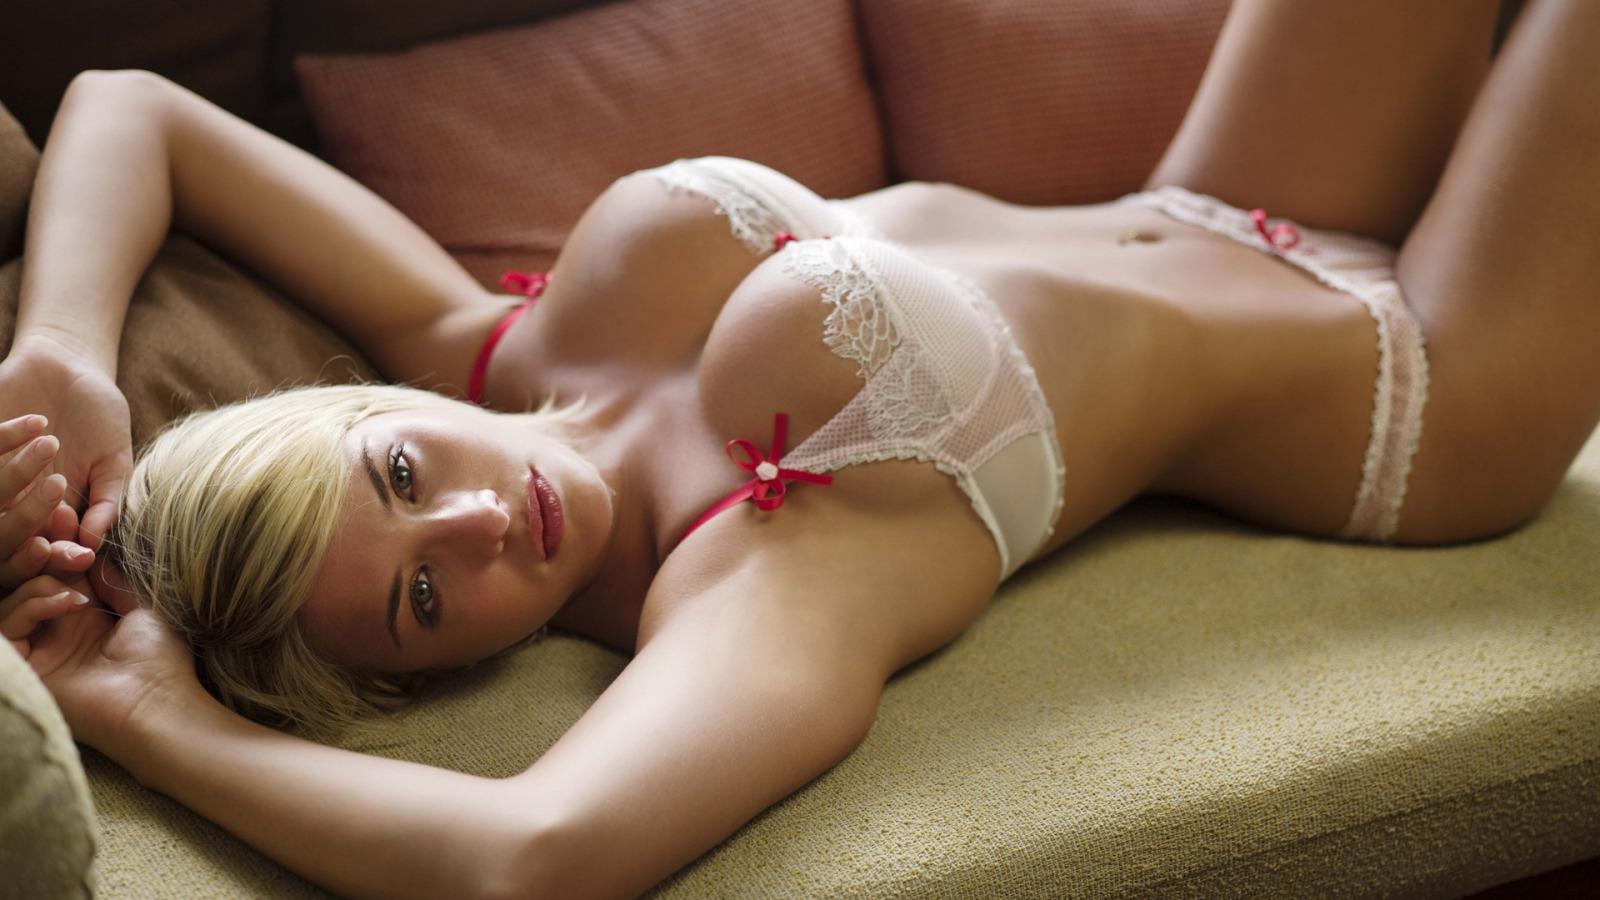 http://3.bp.blogspot.com/-E55WCXTsEWI/T0jwgWW0X_I/AAAAAAAABkM/ugeHOCPQ31U/s1600/gemma_atkinson_sexy_lingerie_wallpaper_gemma_atkinson_babes_girls_wallpaper_1600_900_widescreen_706.jpg